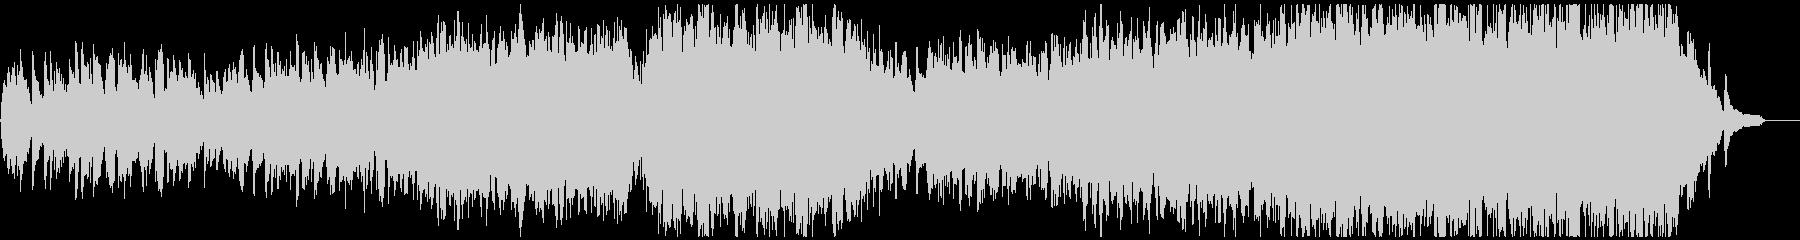 ヴァイオリン主体の、感動系バラードの未再生の波形